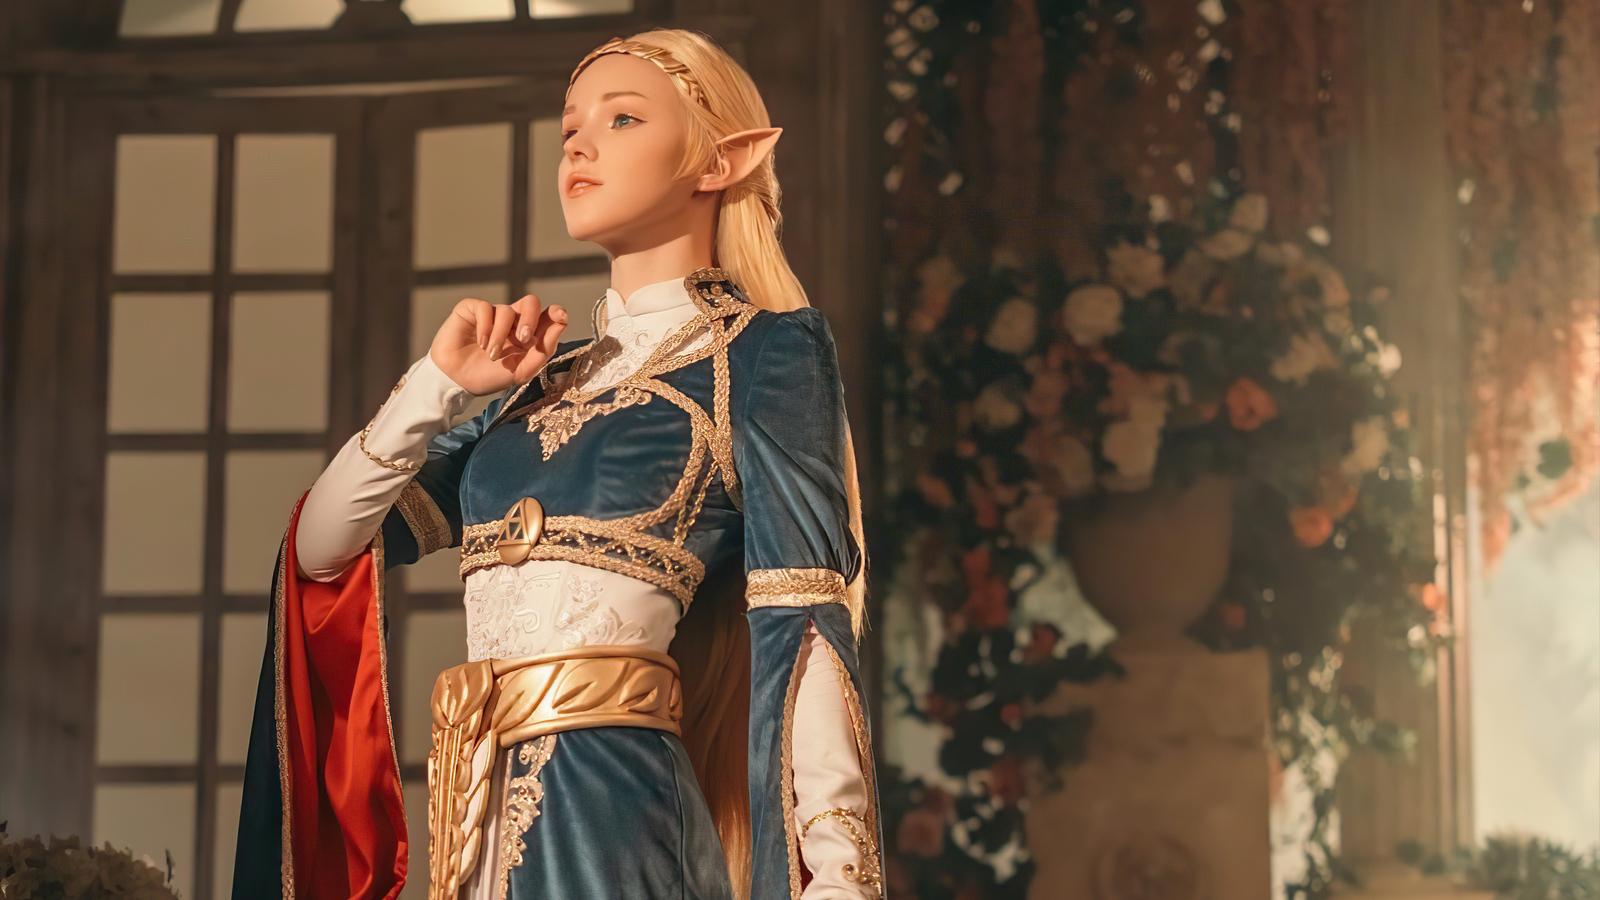 the-legend-of-zelda-cosplay-4k-i5.jpg